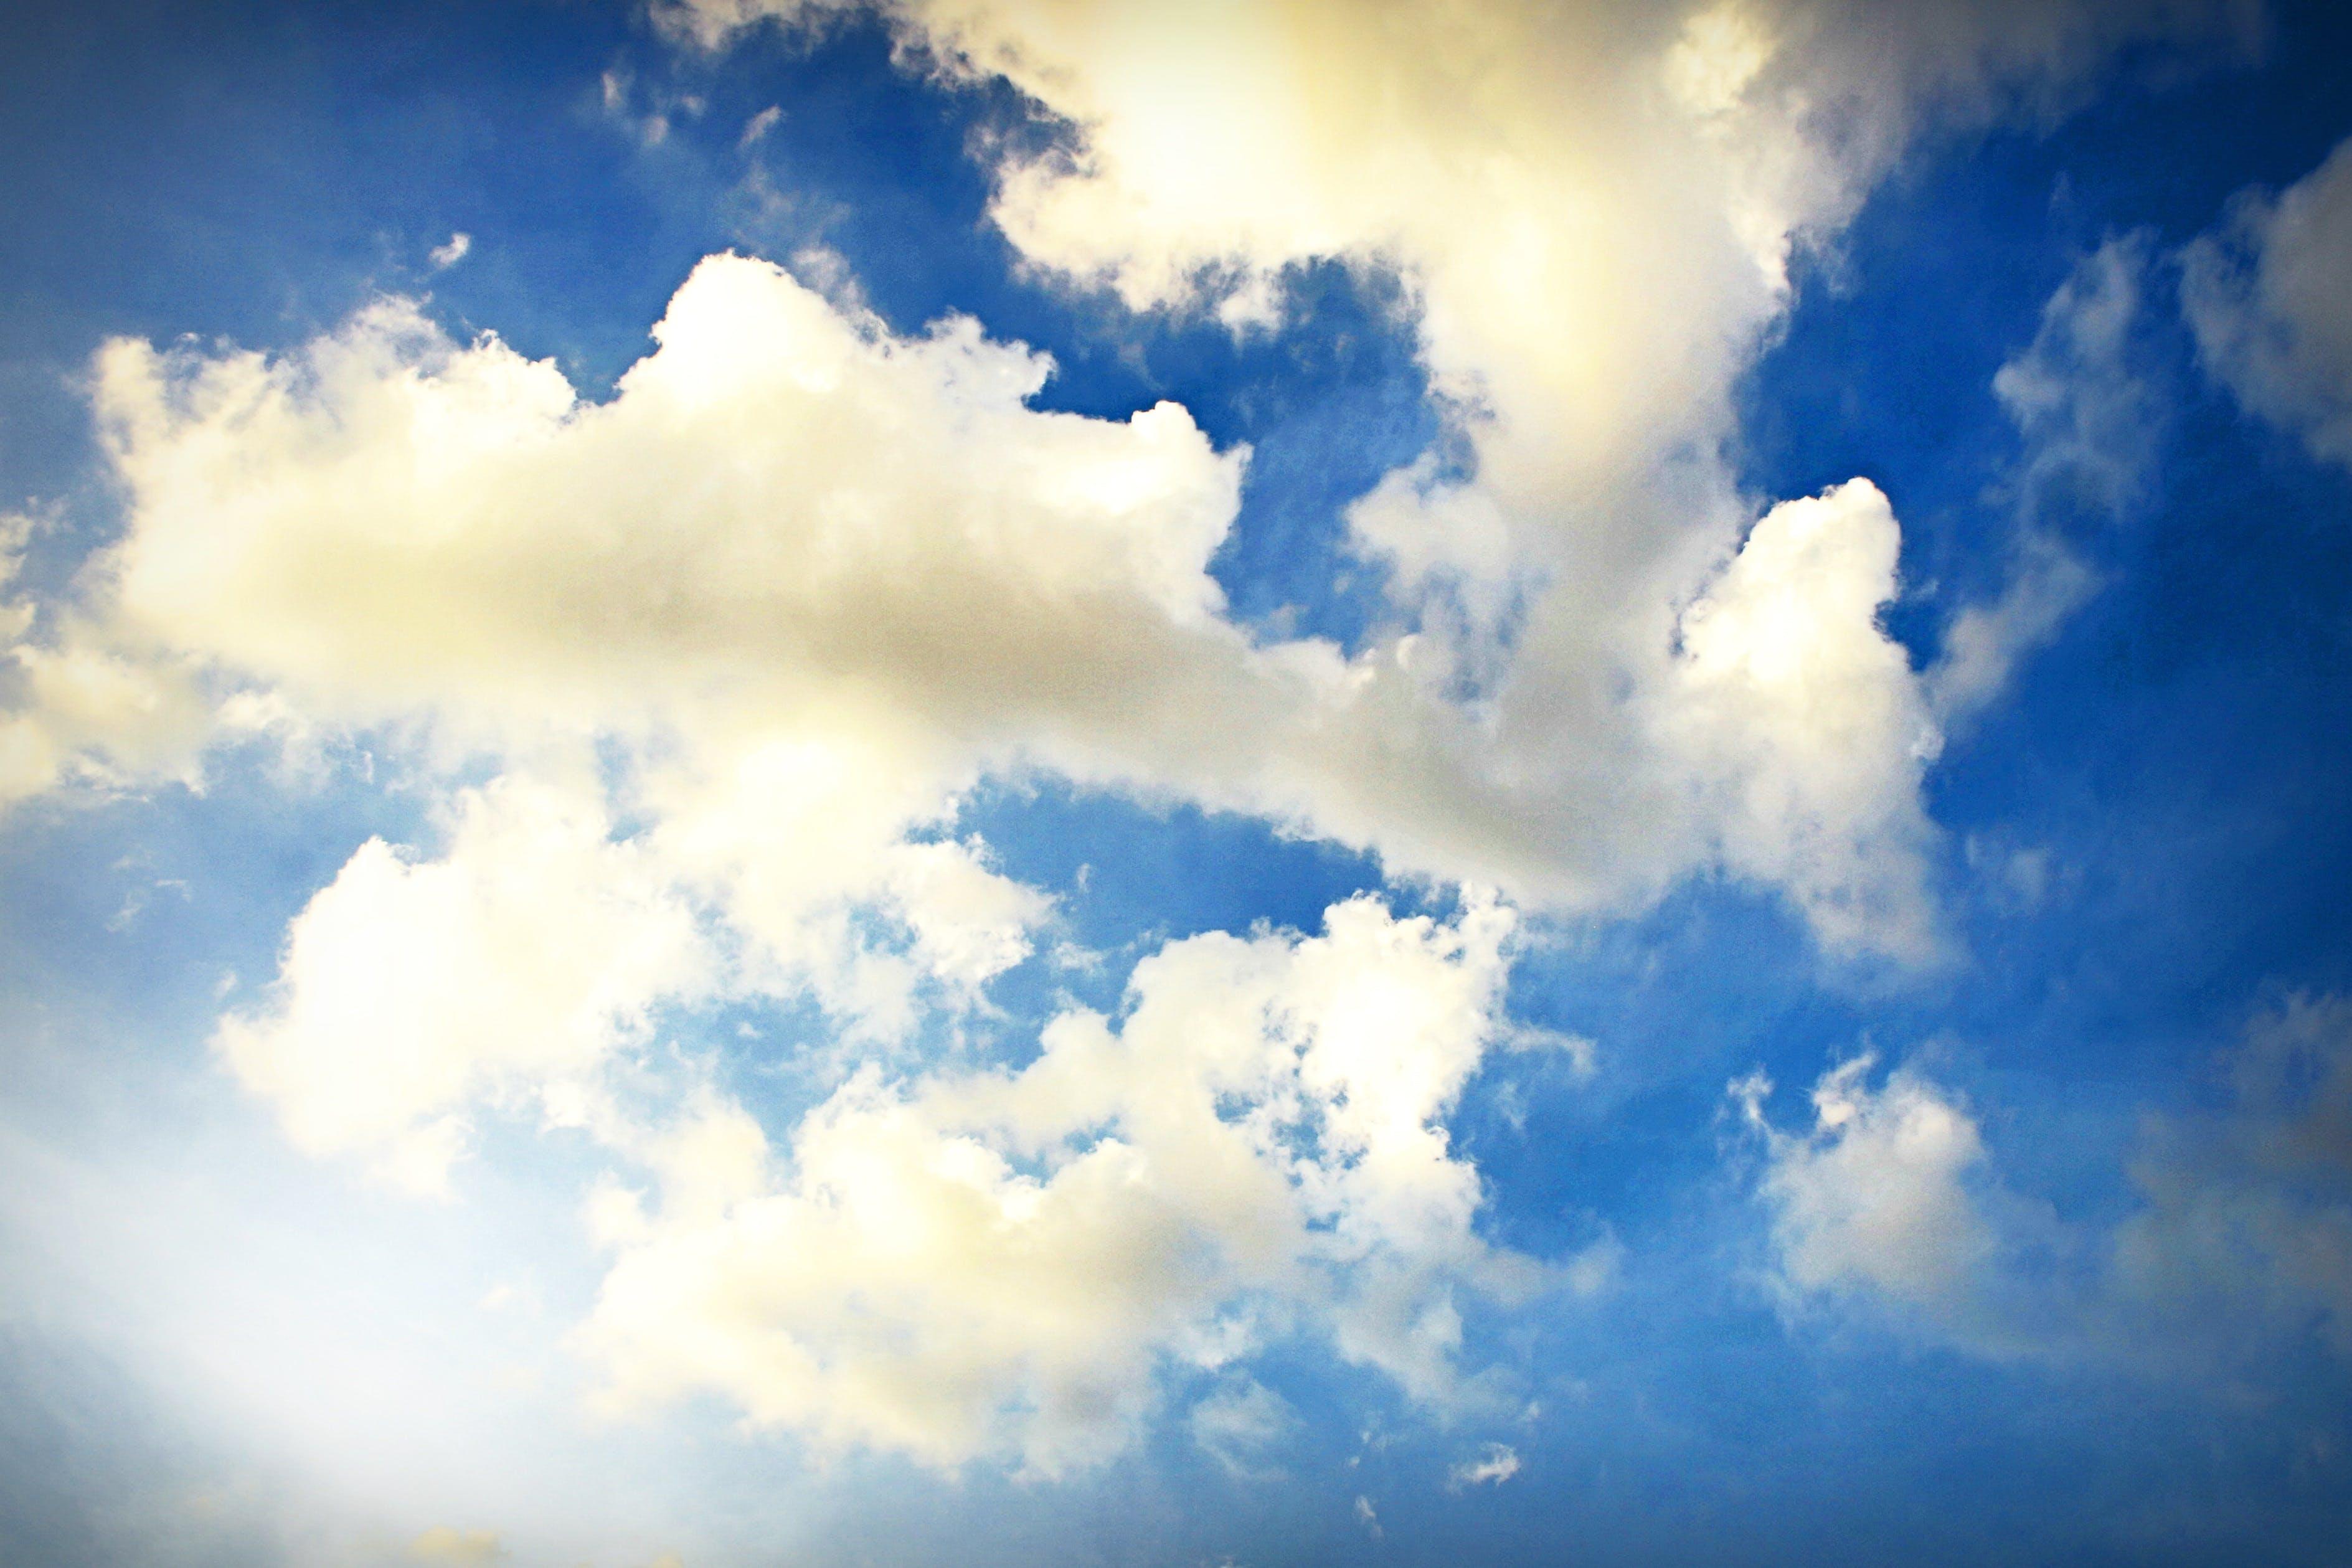 Kostenloses Stock Foto zu bewölkt, blauer himmel, draußen, friedlich